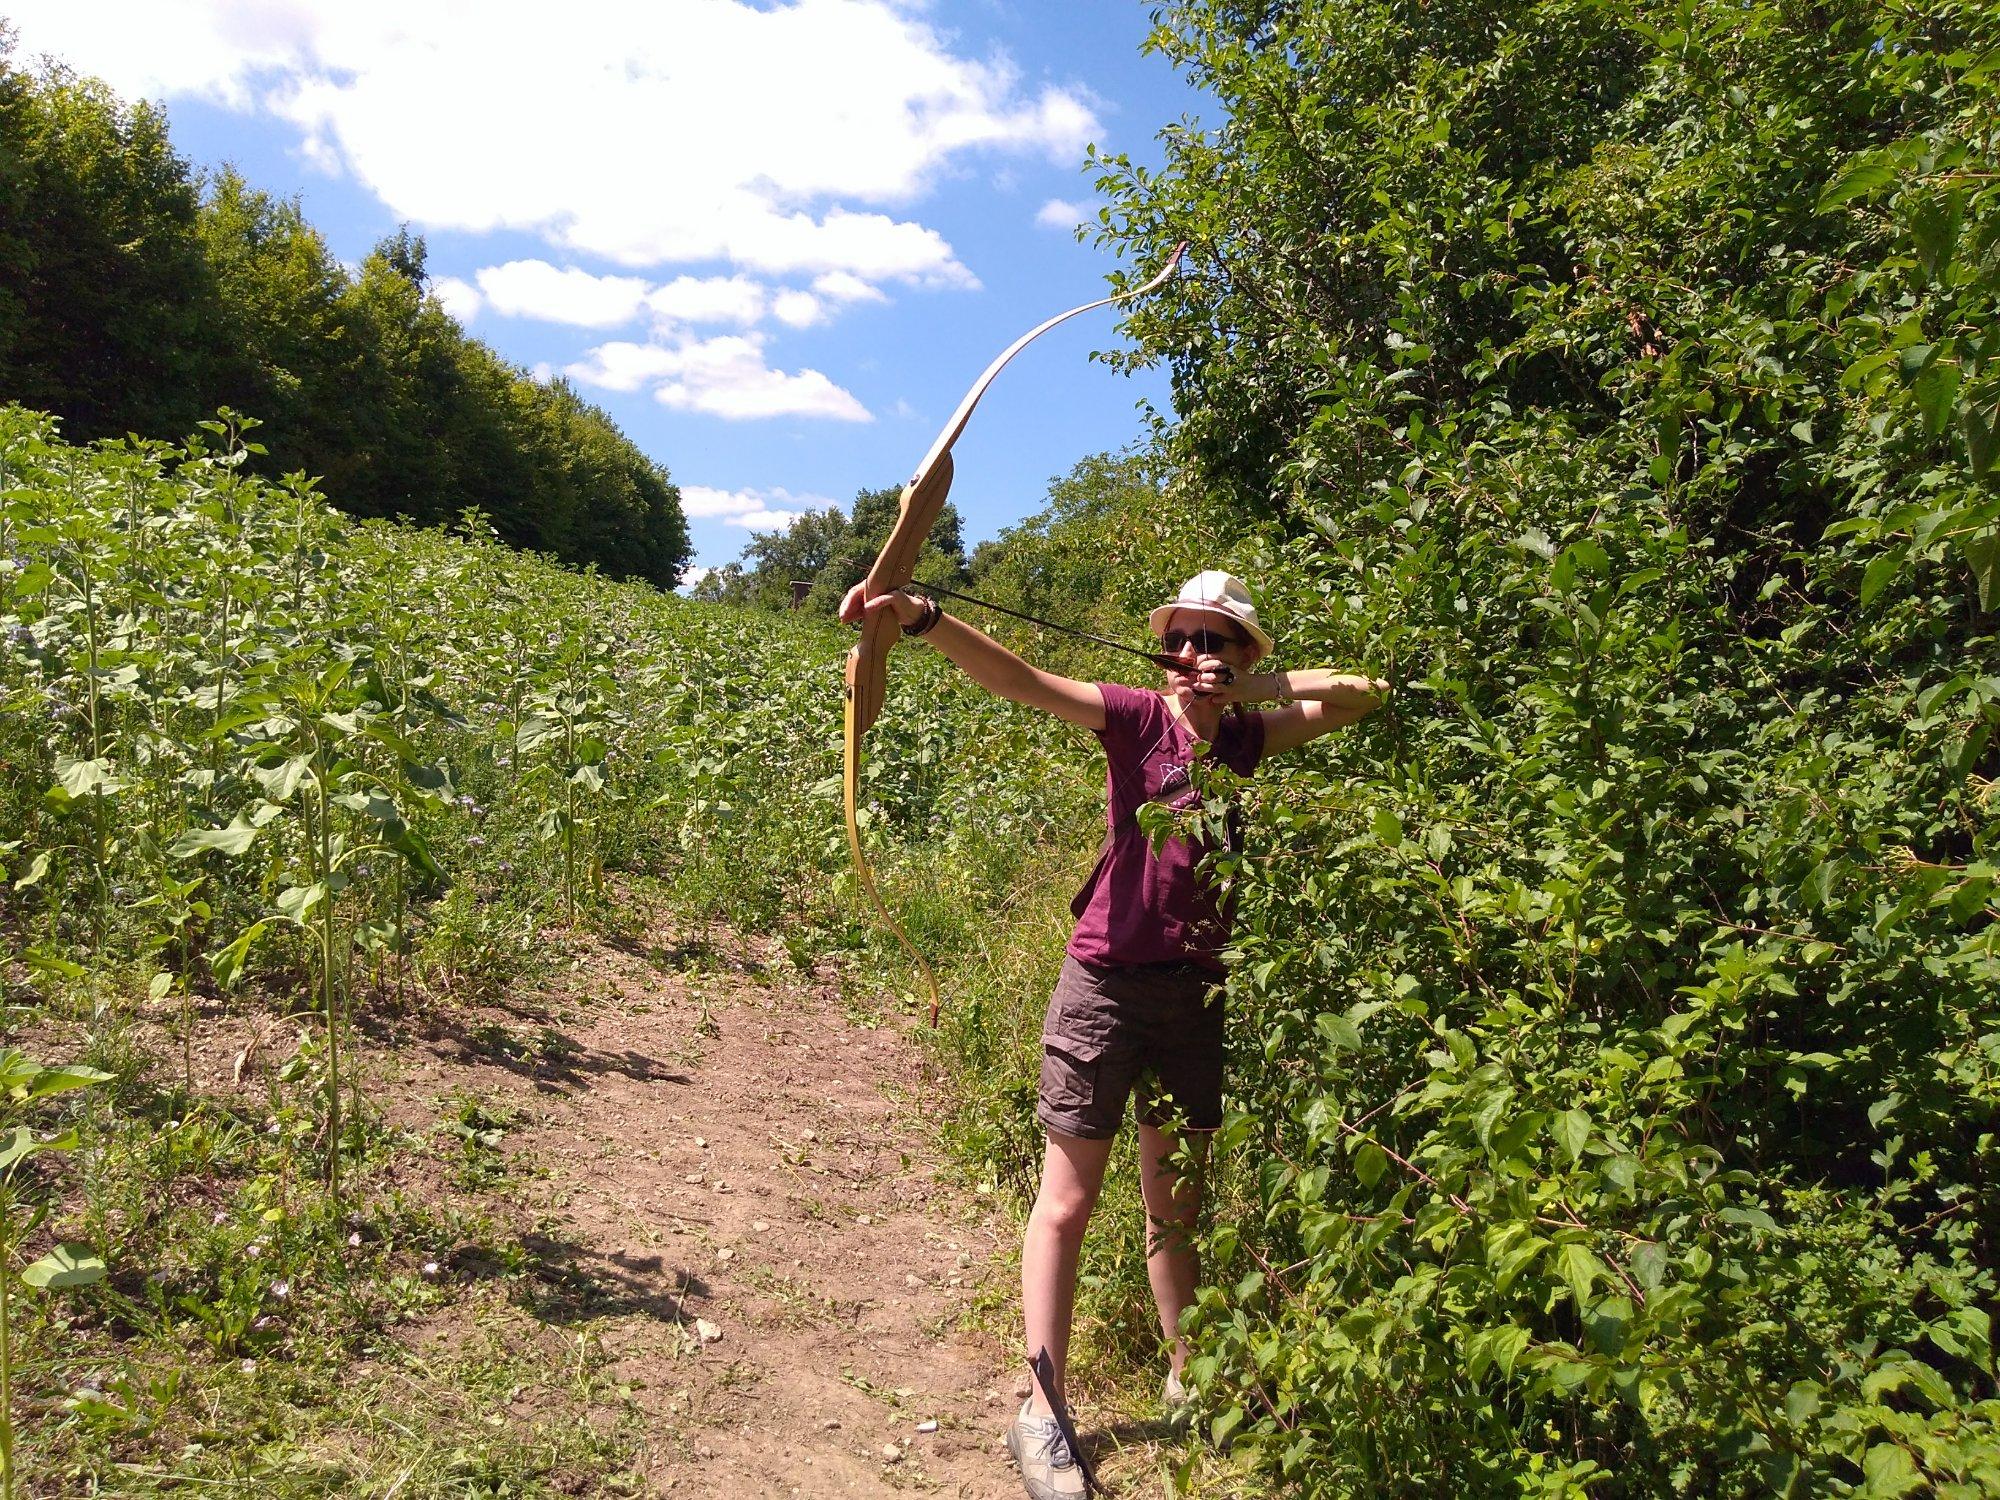 Bogenschützin an Sonnenblumenfeld